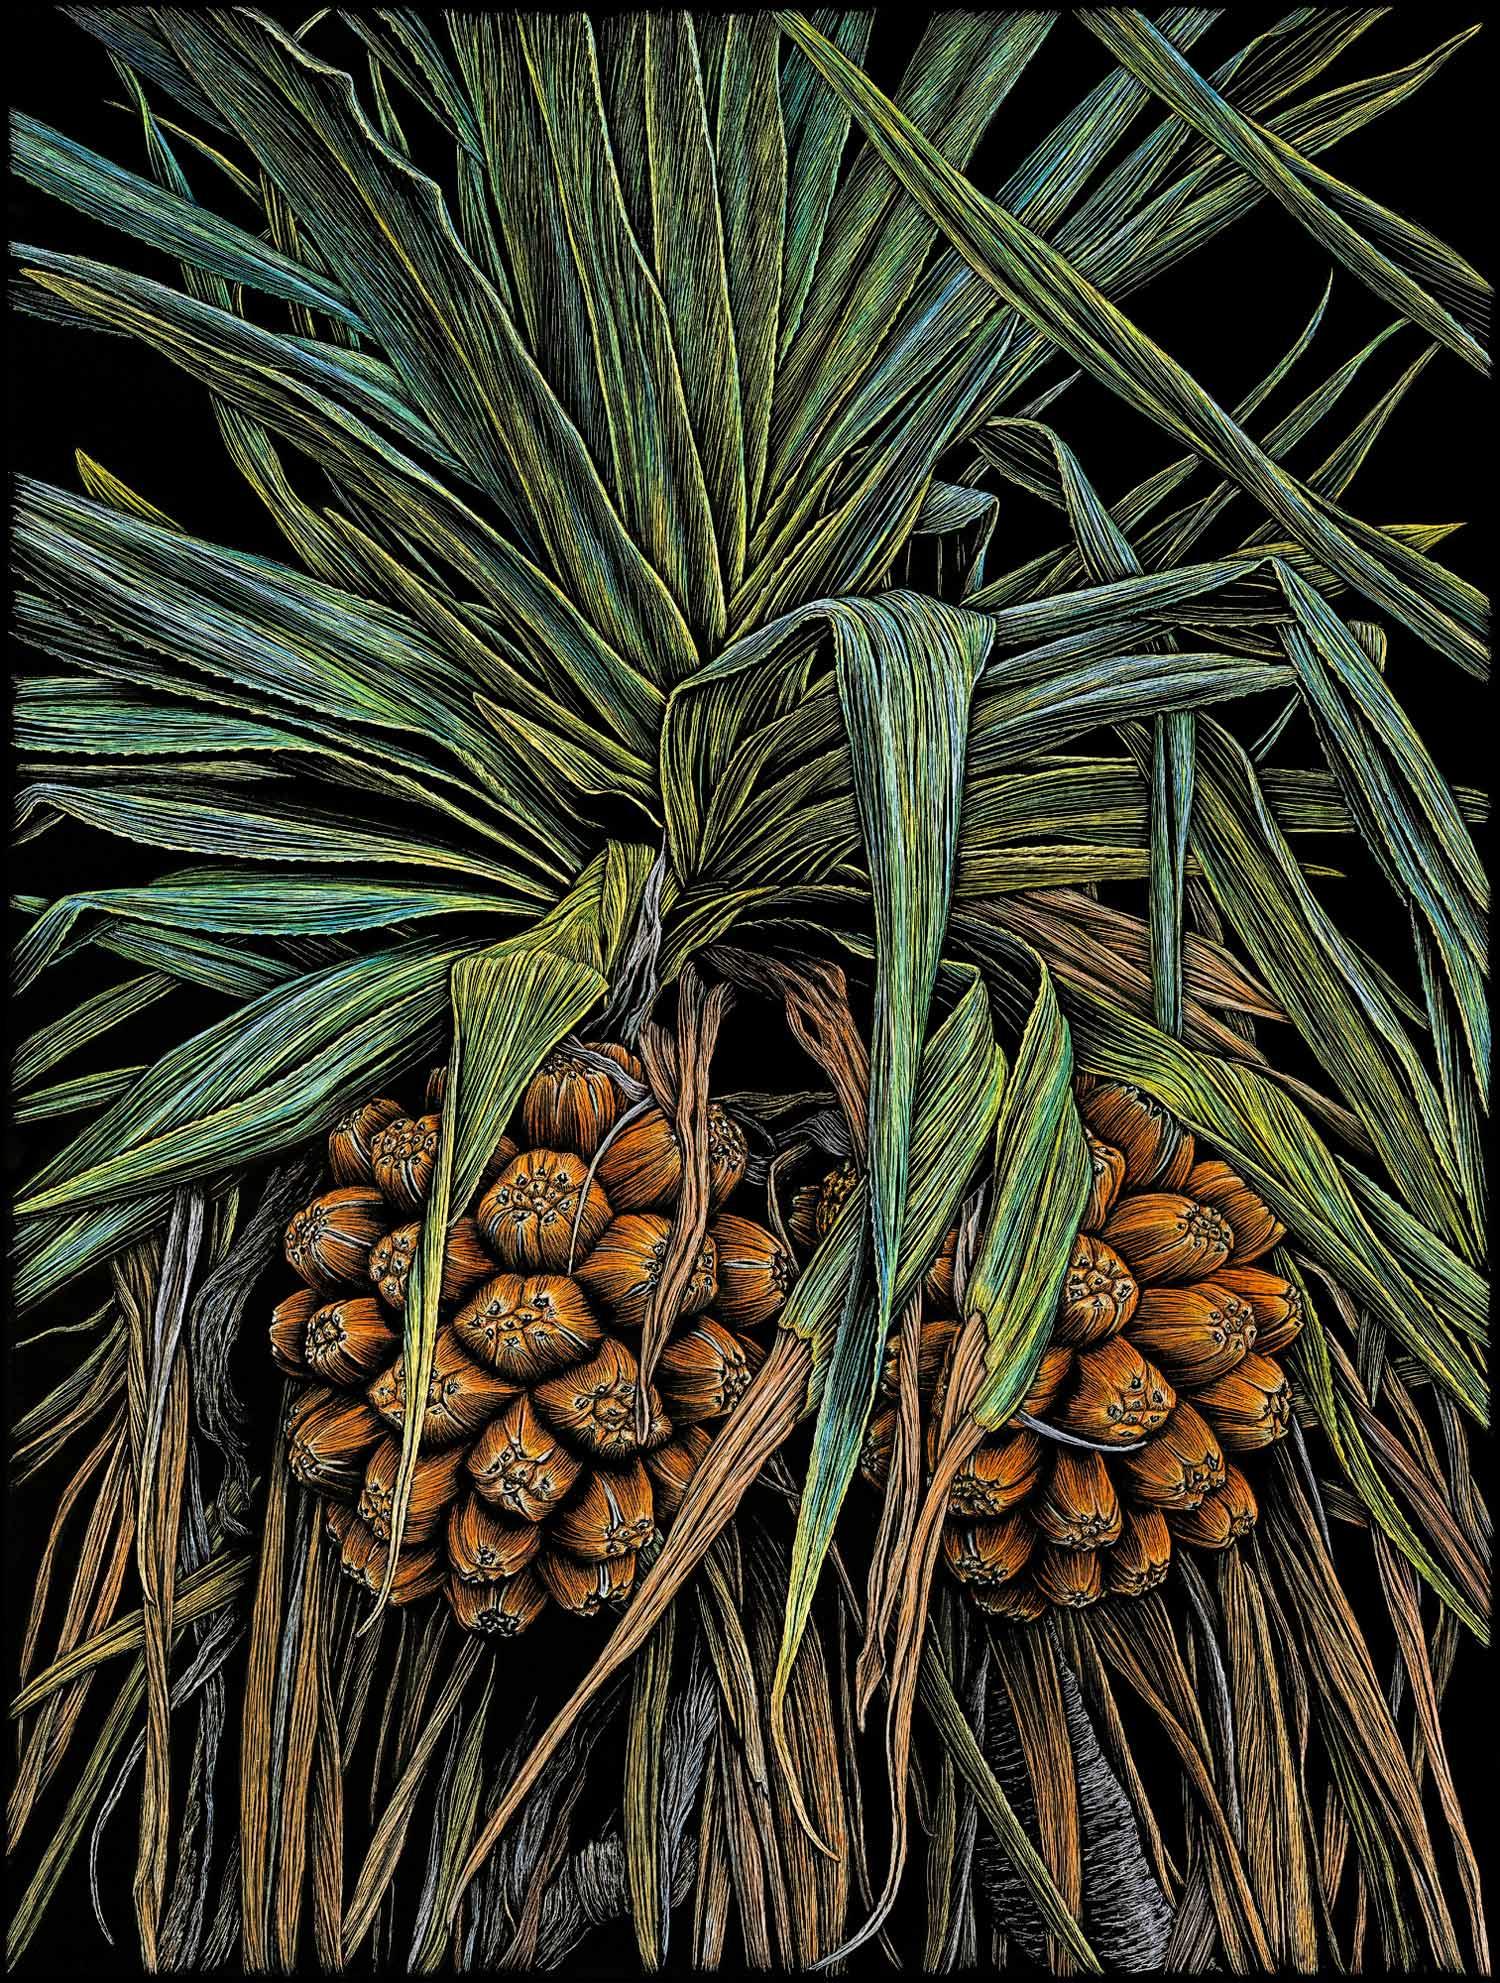 Pandanus Palm Beach (colour version)  76 x 57 cm,  Edition of 50  PIGMENT ON COTTON RAG PAPER  $1,350